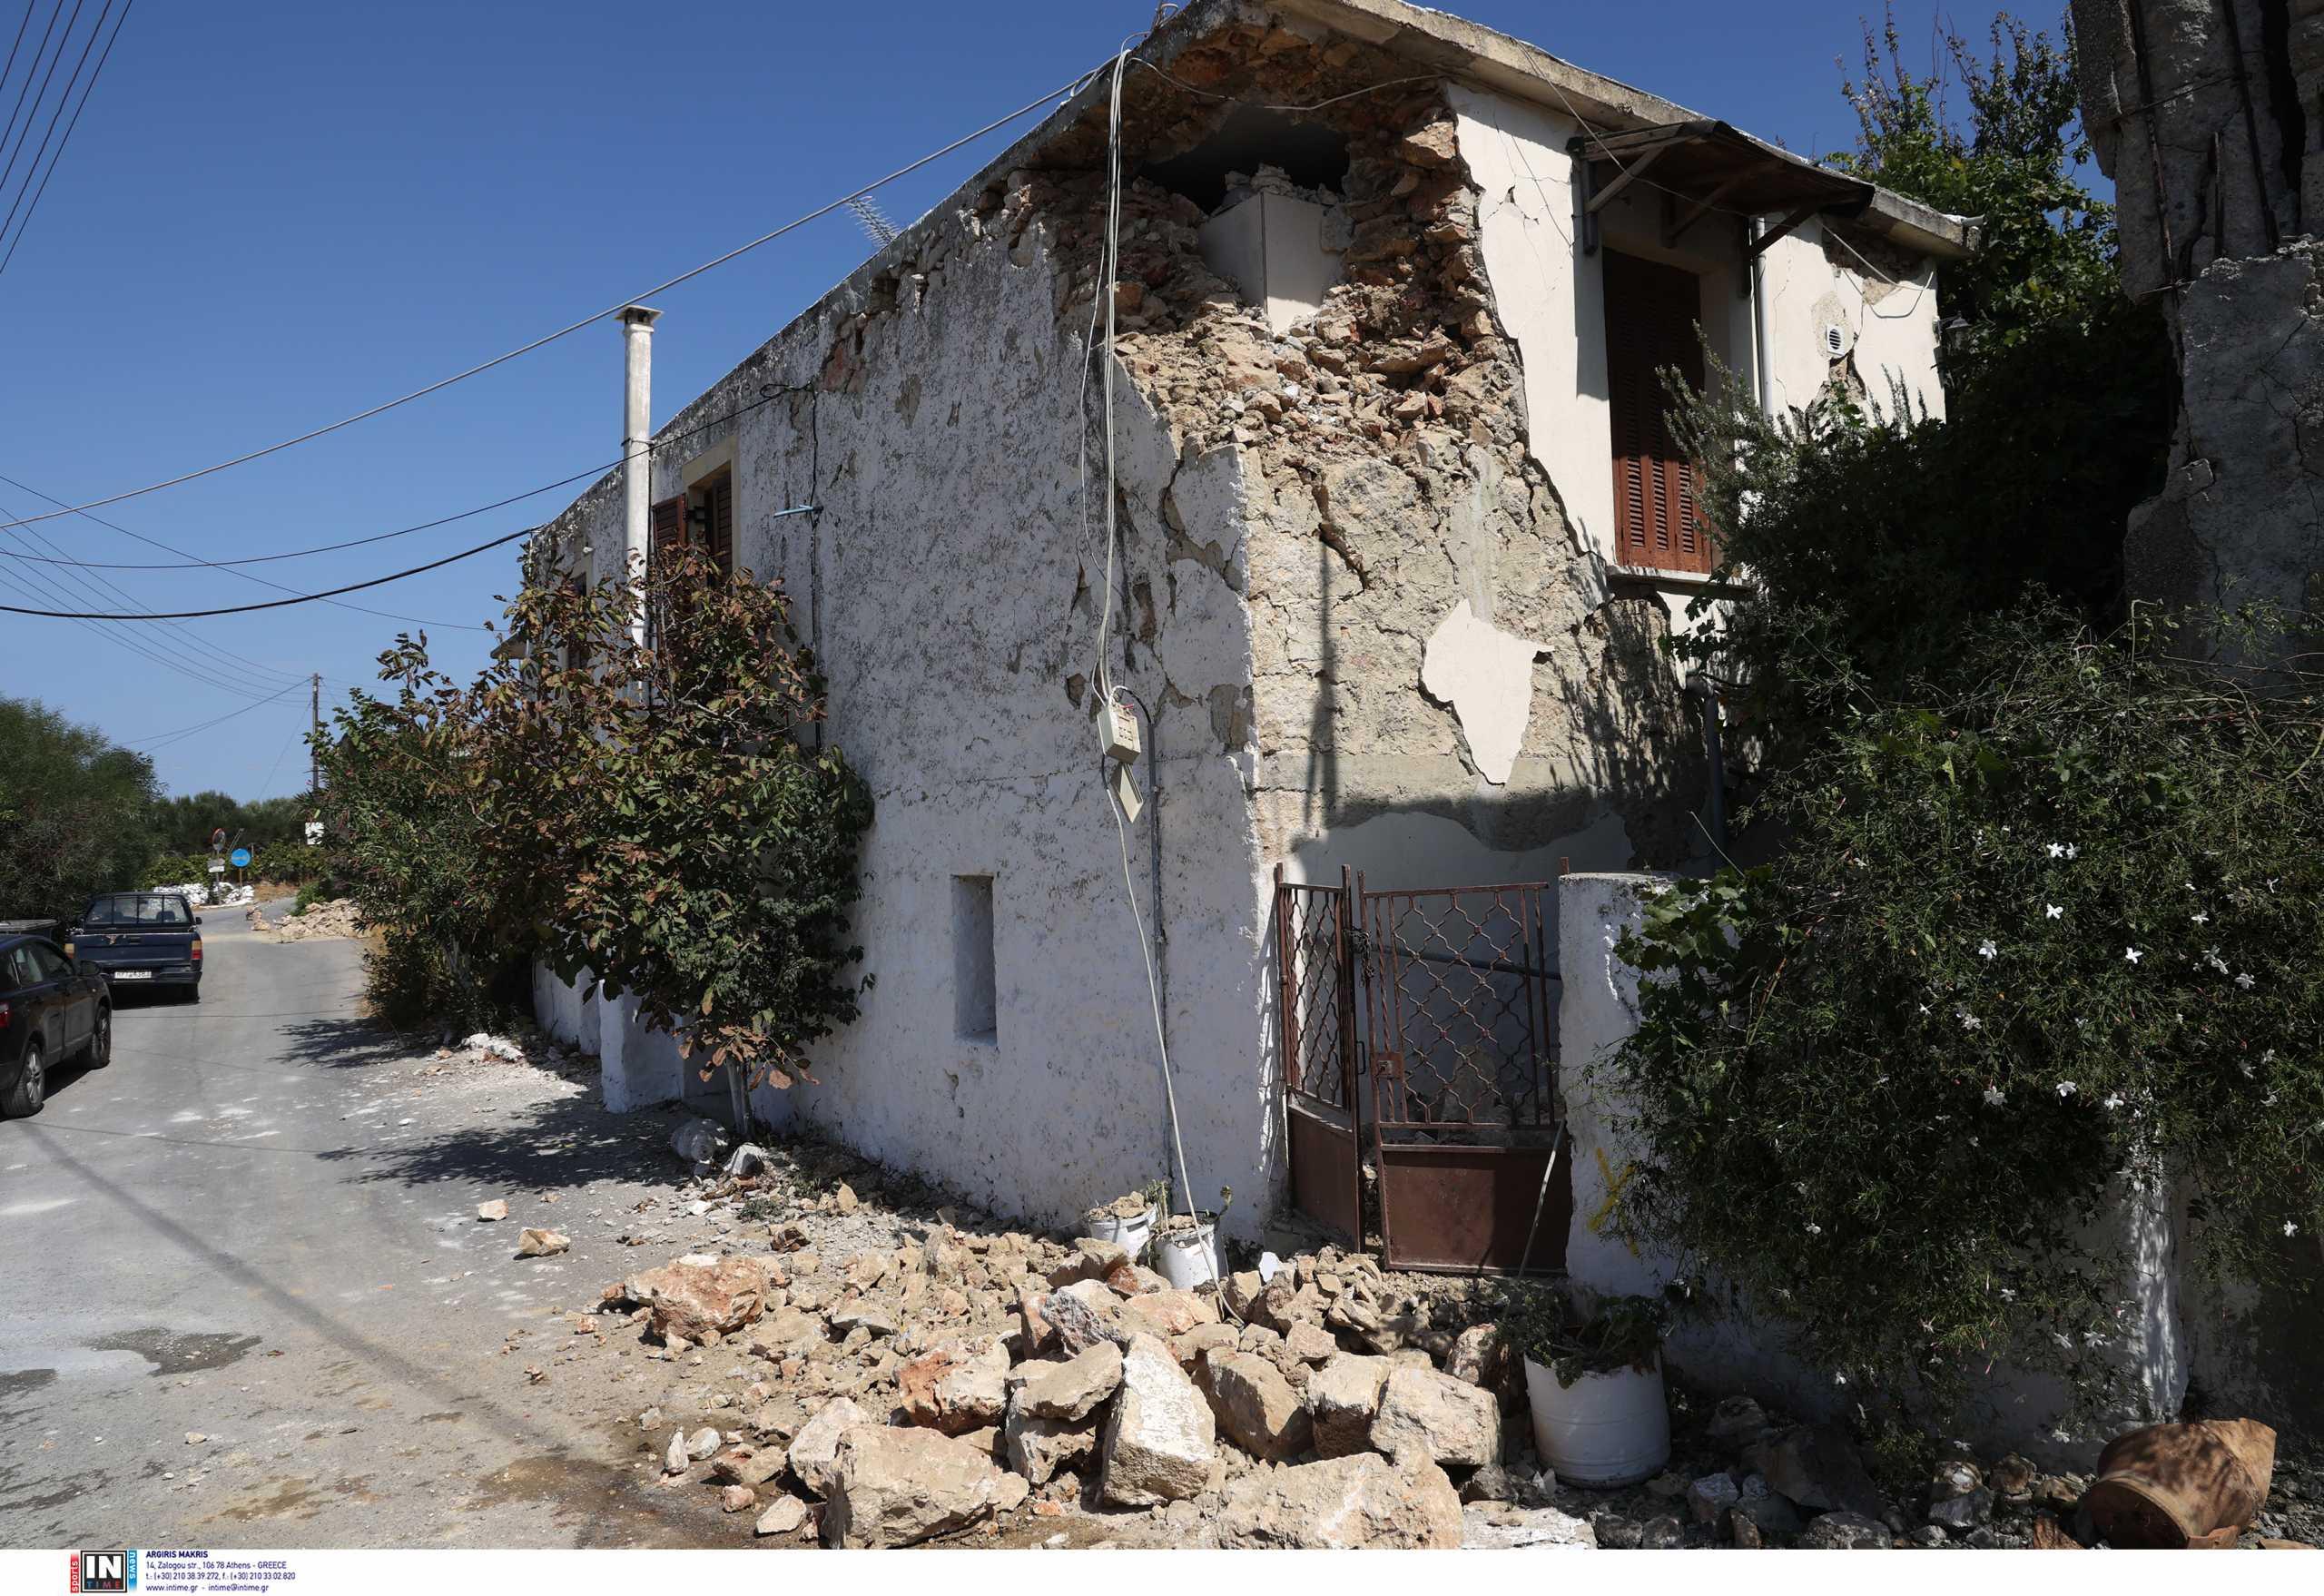 Σεισμός στην Κρήτη: «Περιμένουμε ισχυρό μετασεισμό ίσως 5,5 Ρίχτερ» λέει ο Χουλιάρας